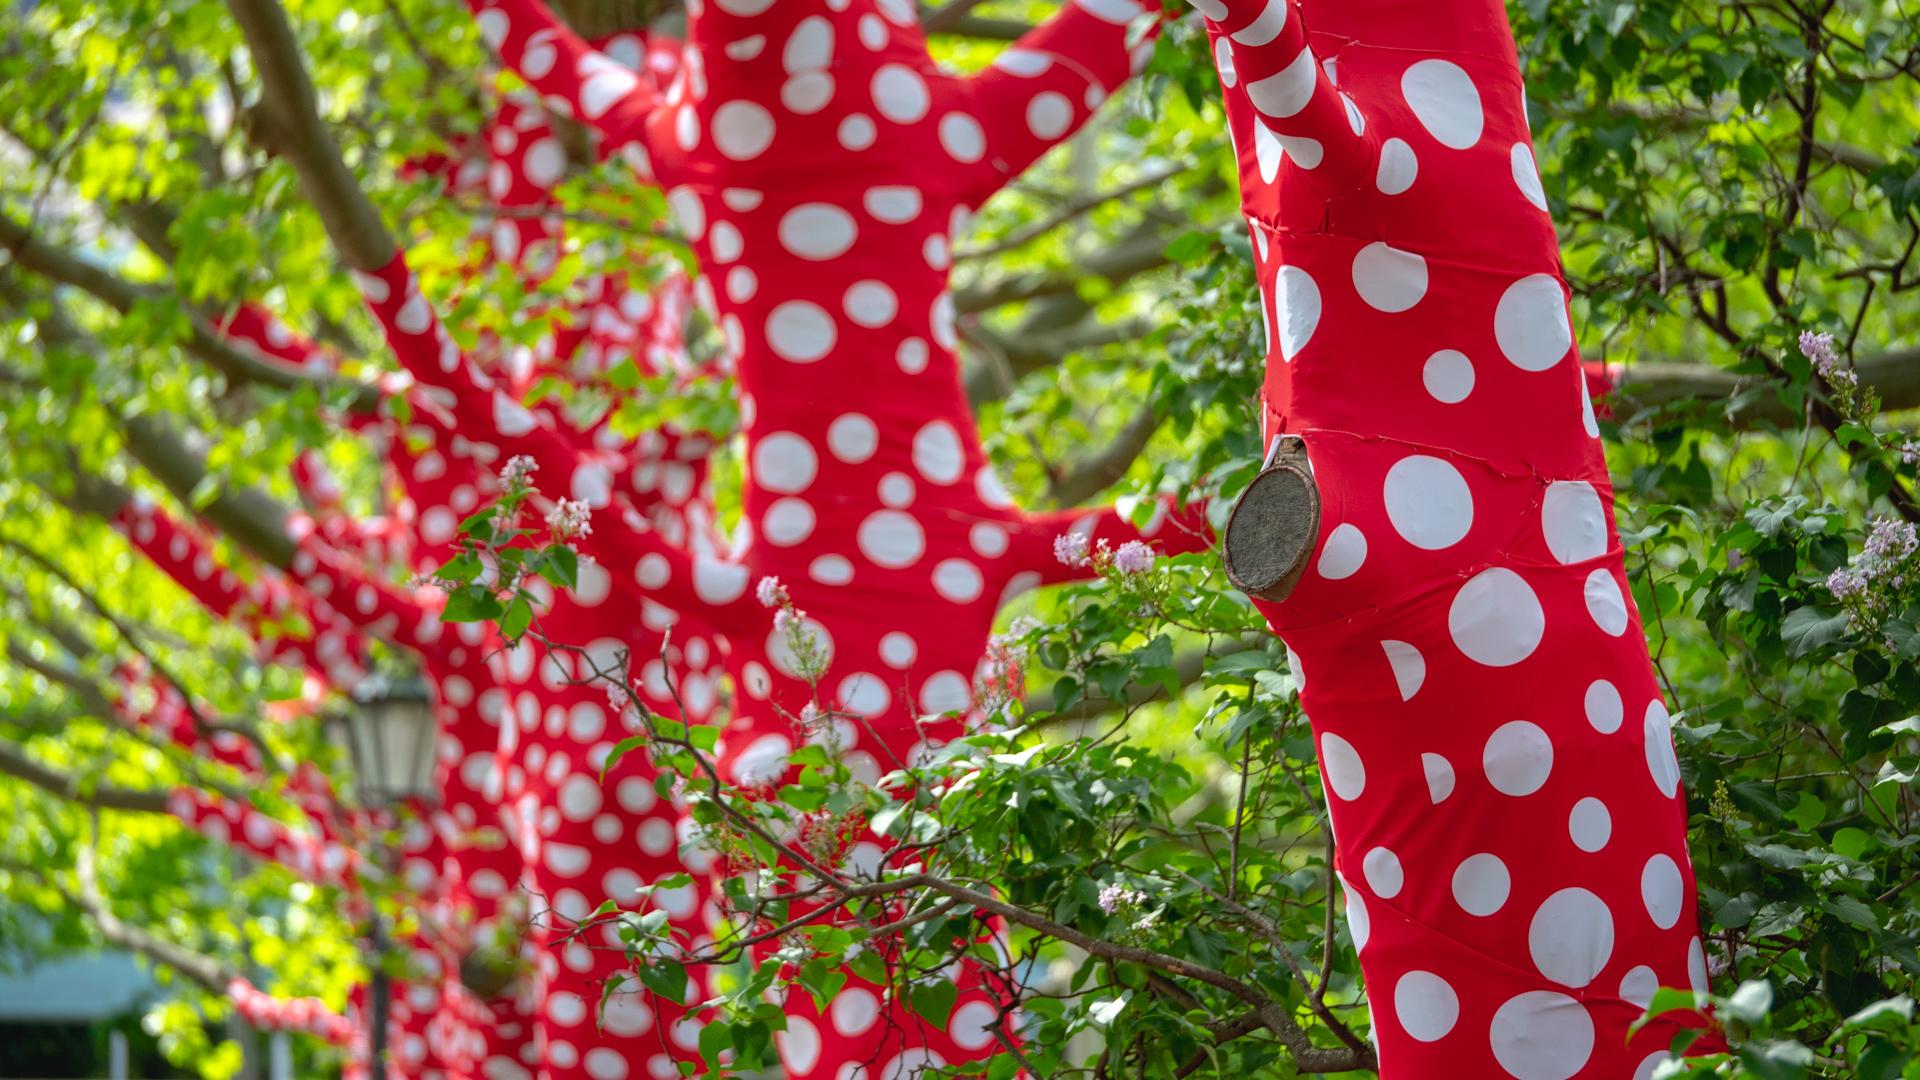 Bäume umhüllt von rotem Stoff mit weißen Punkten